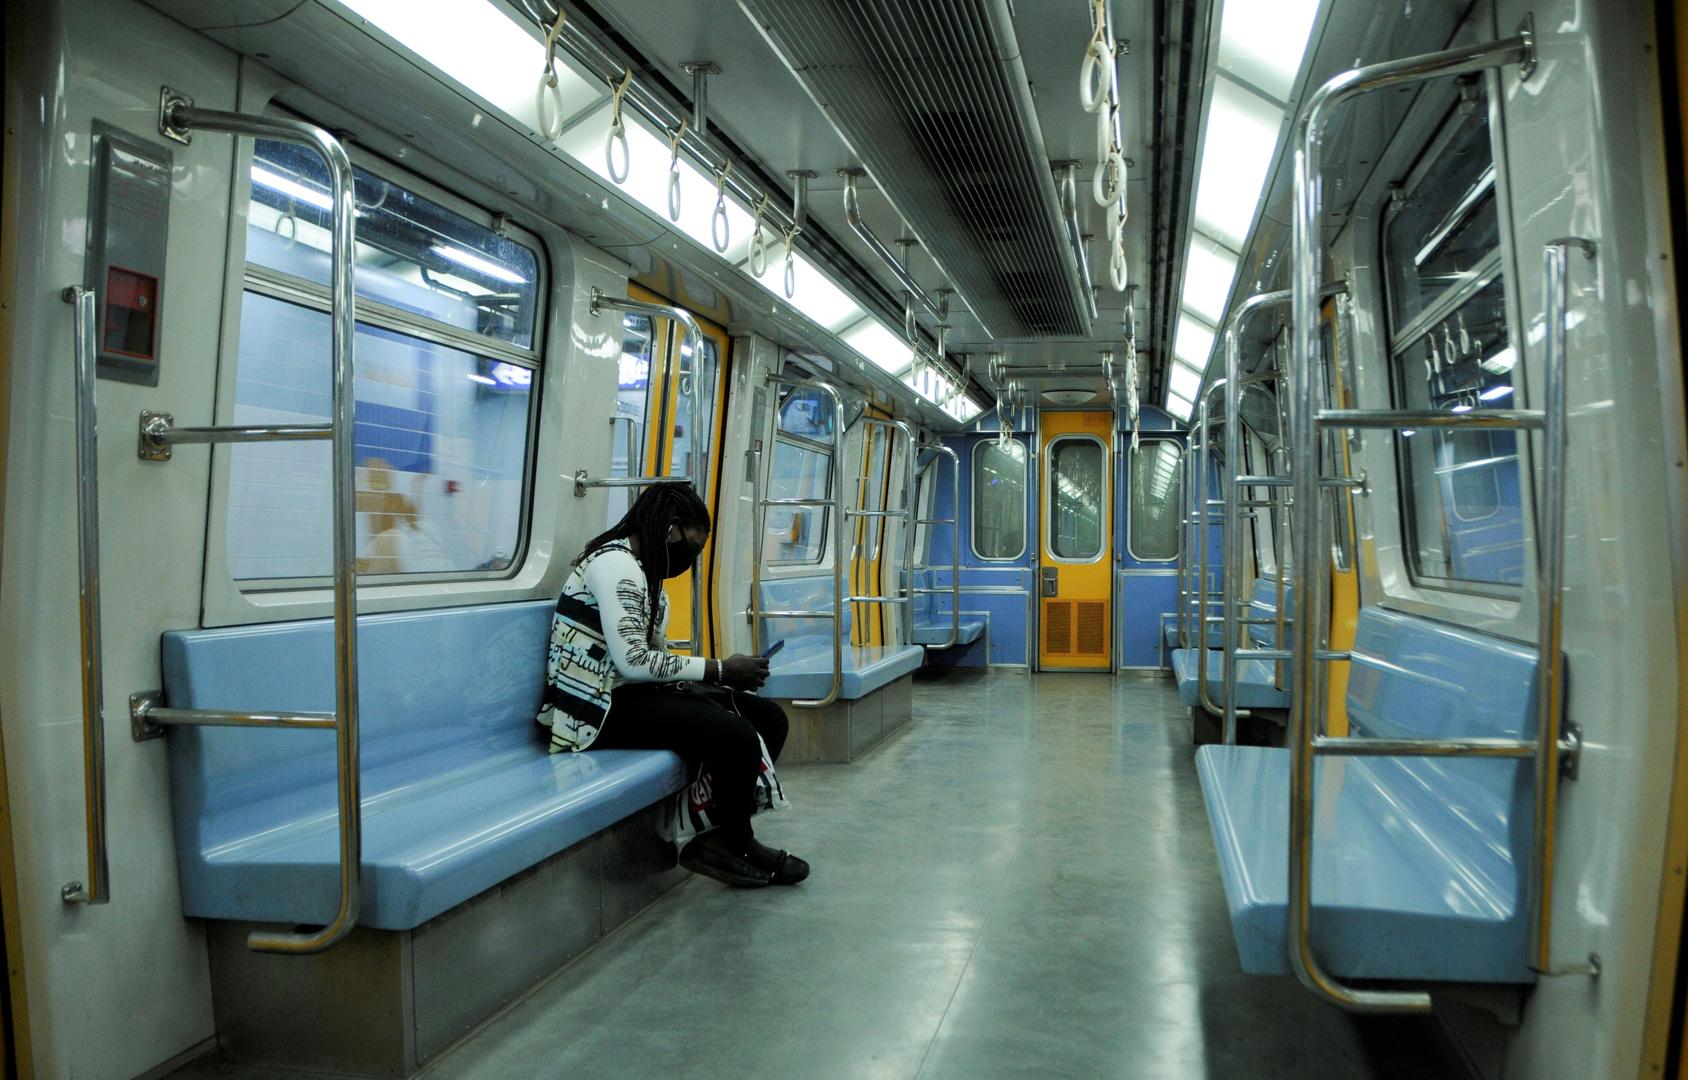 الحكومة المصرية تصدر بيانا حول أسعار تذاكر القطارات